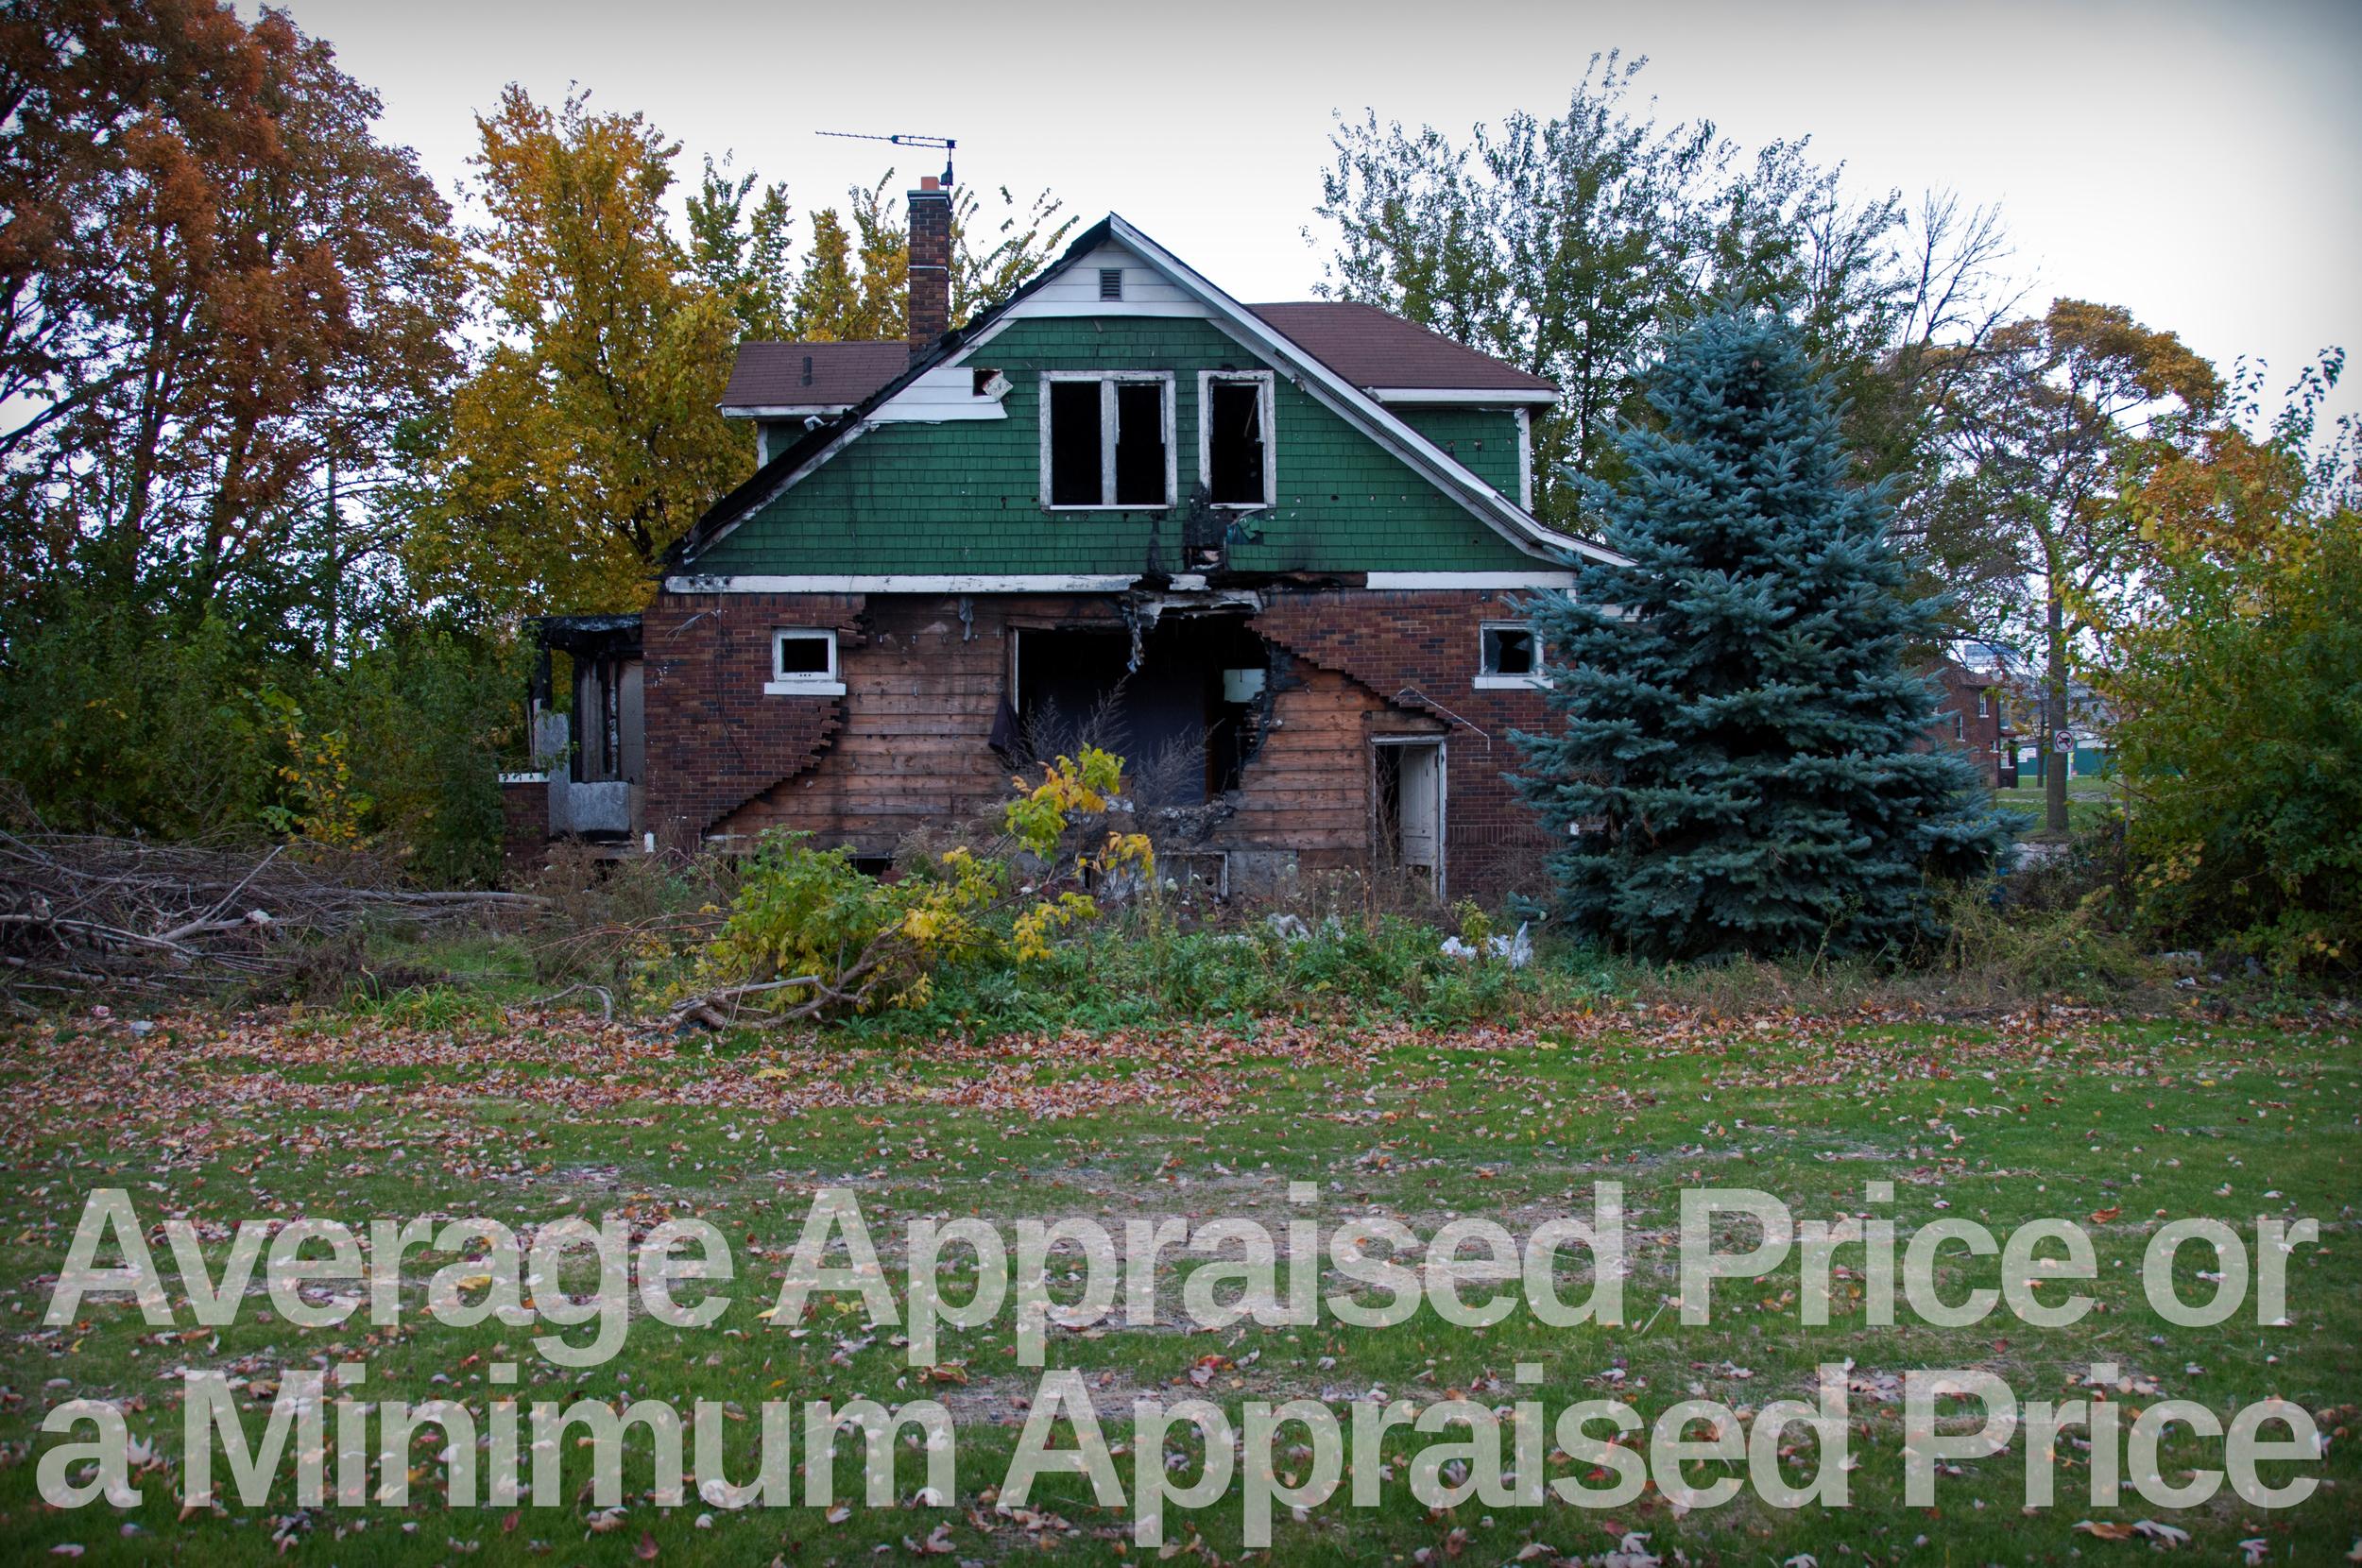 33-Green+House+with+Hole-Avg+o-3578946222-O.jpg